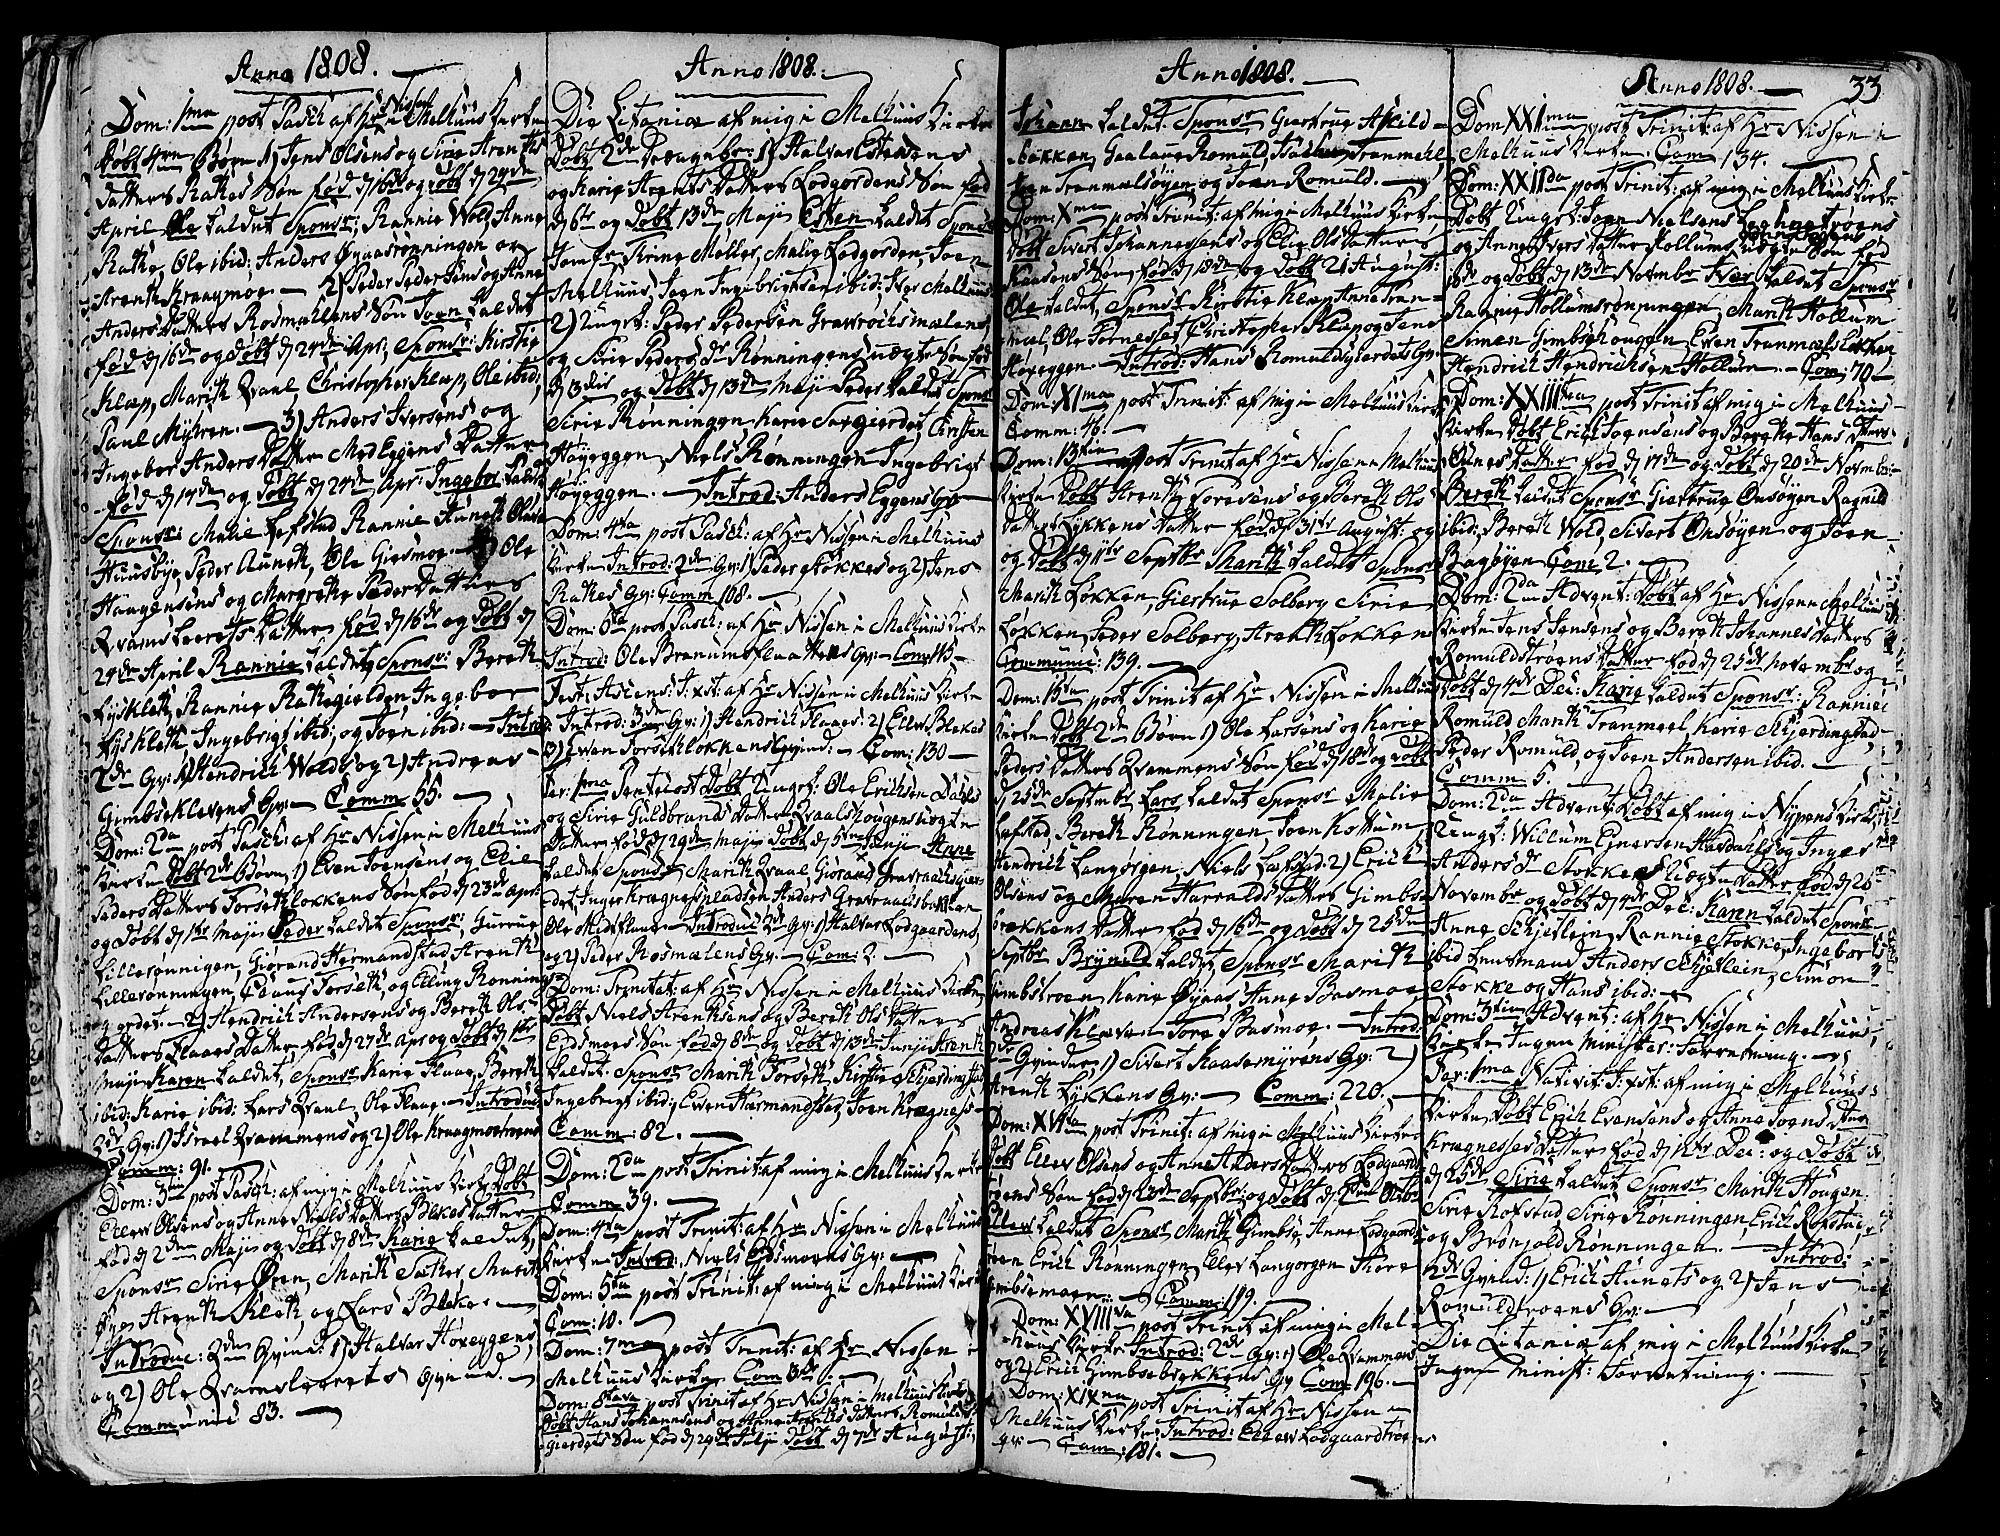 SAT, Ministerialprotokoller, klokkerbøker og fødselsregistre - Sør-Trøndelag, 691/L1061: Ministerialbok nr. 691A02 /1, 1768-1815, s. 33